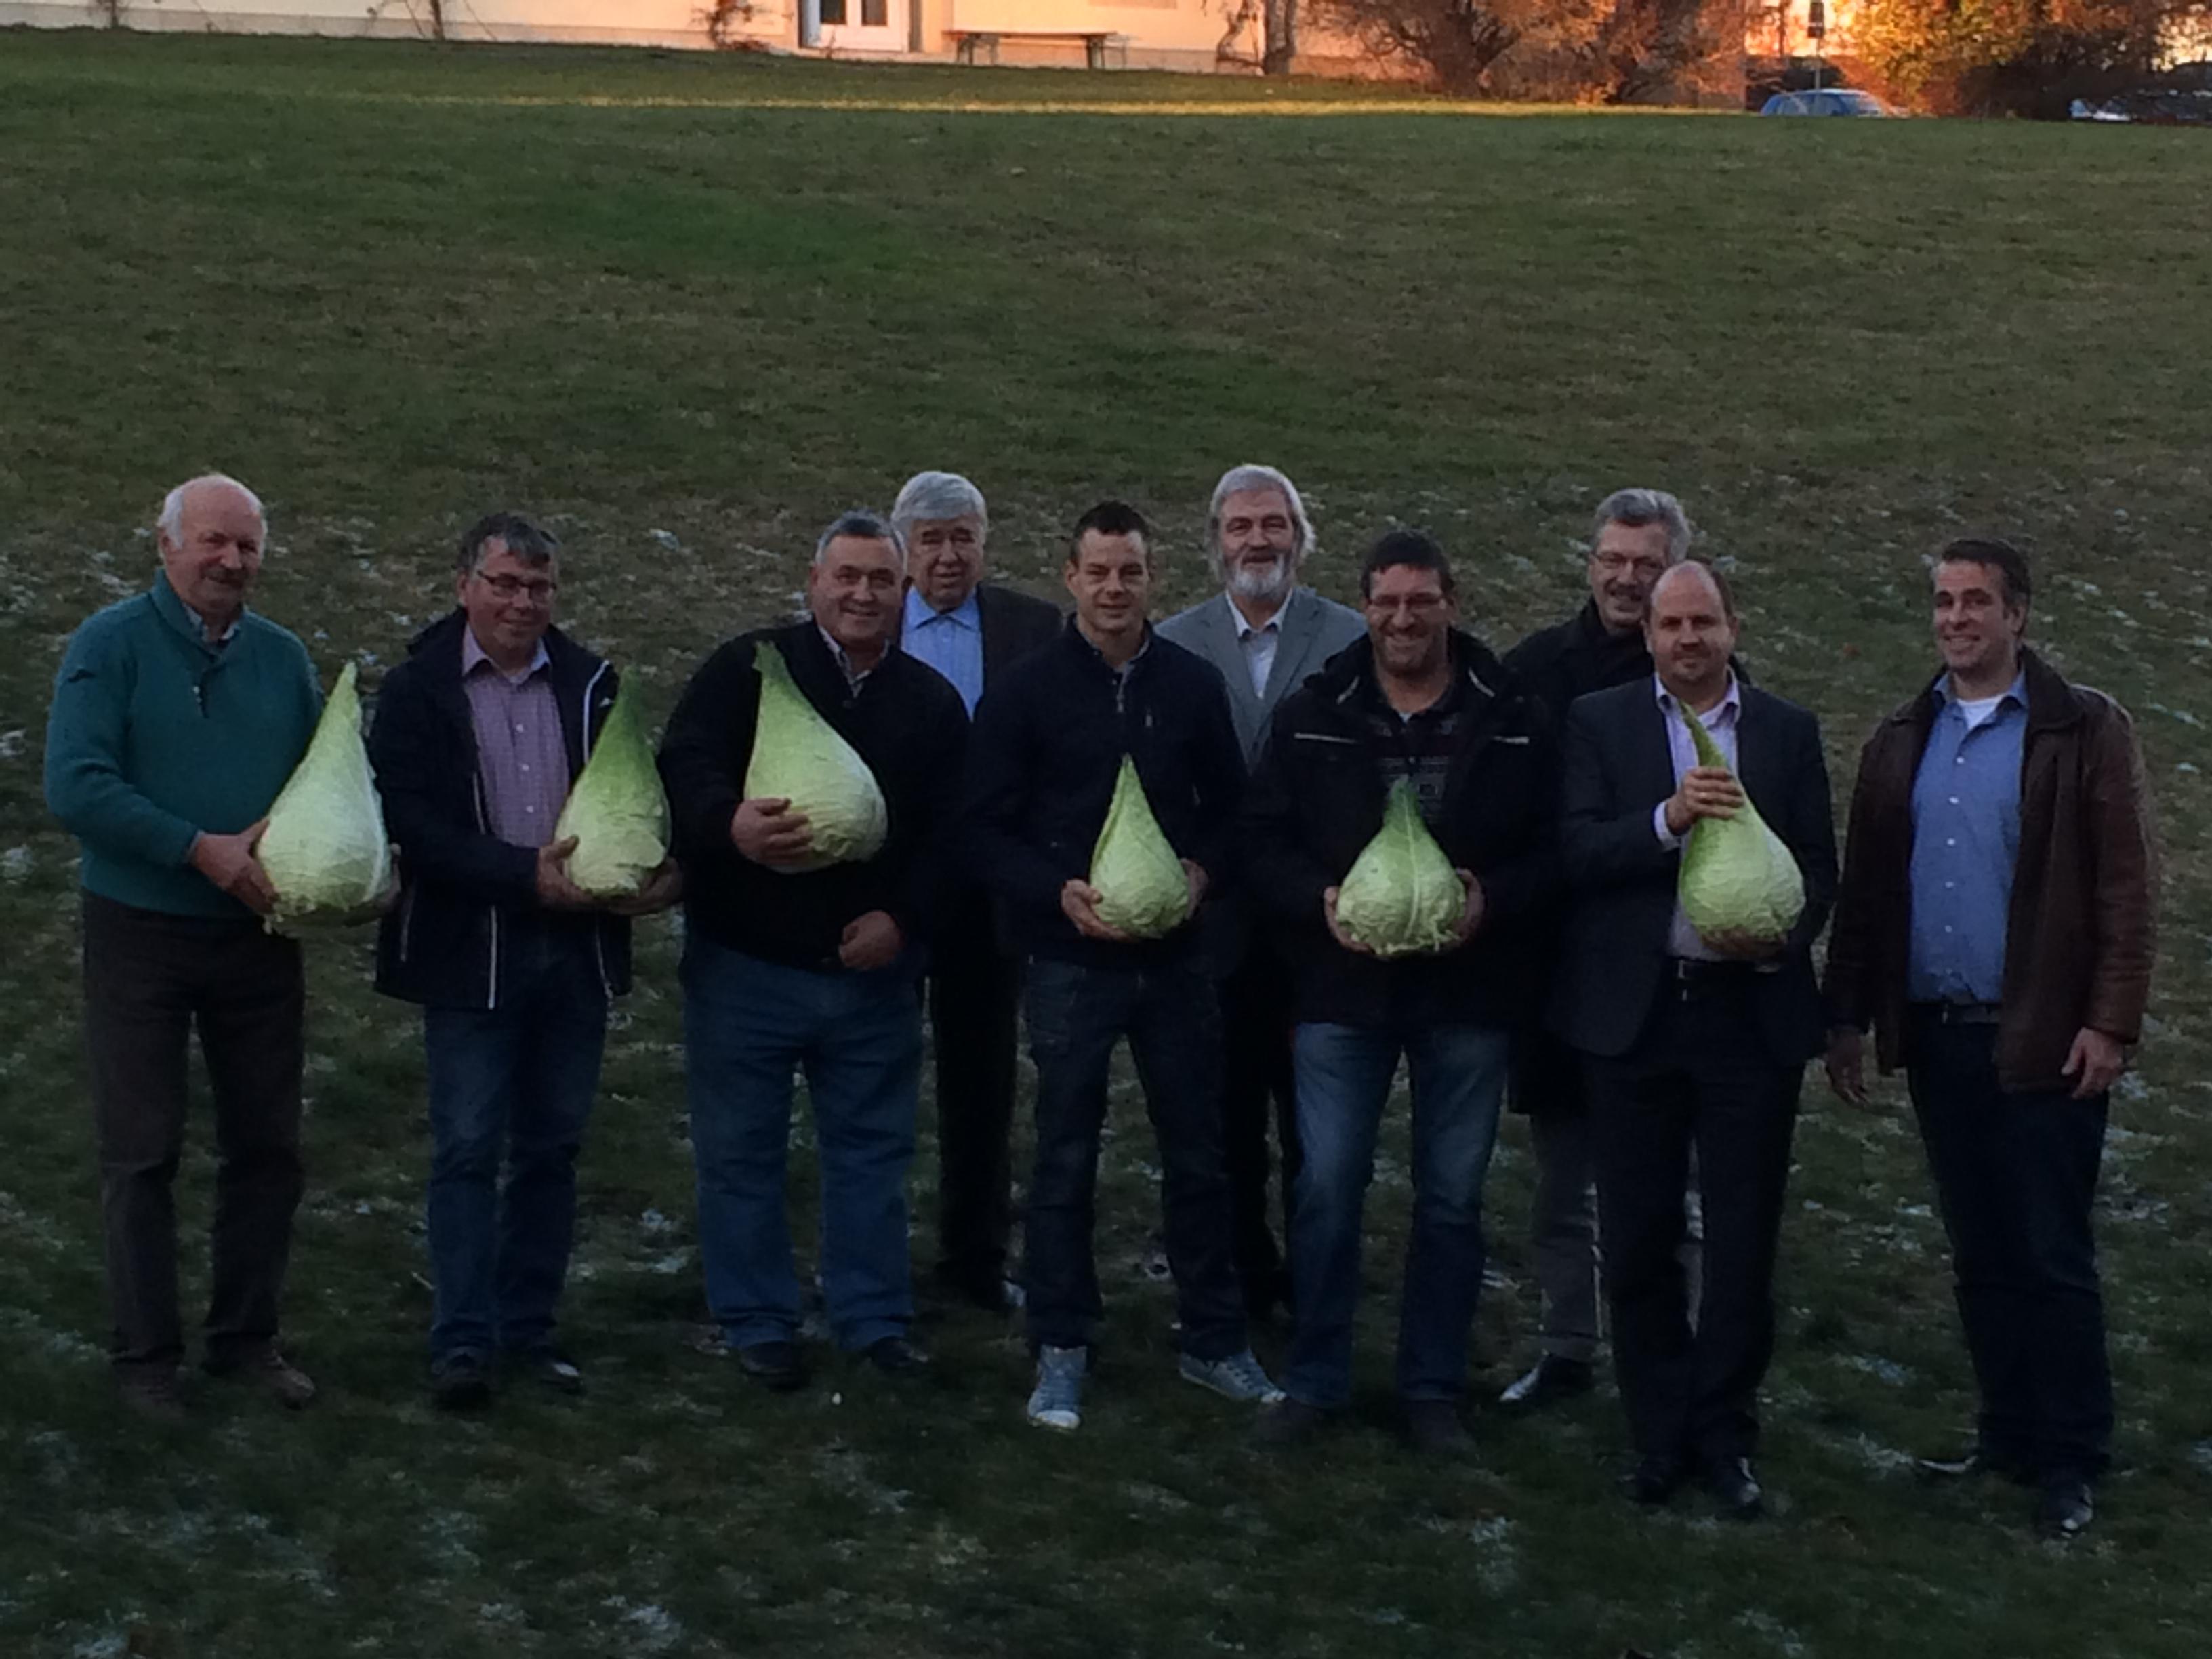 Bild Filderkraut nachhaltig bewahren – Bäuerliche Erzeugergemeinschaft Filder gegründet